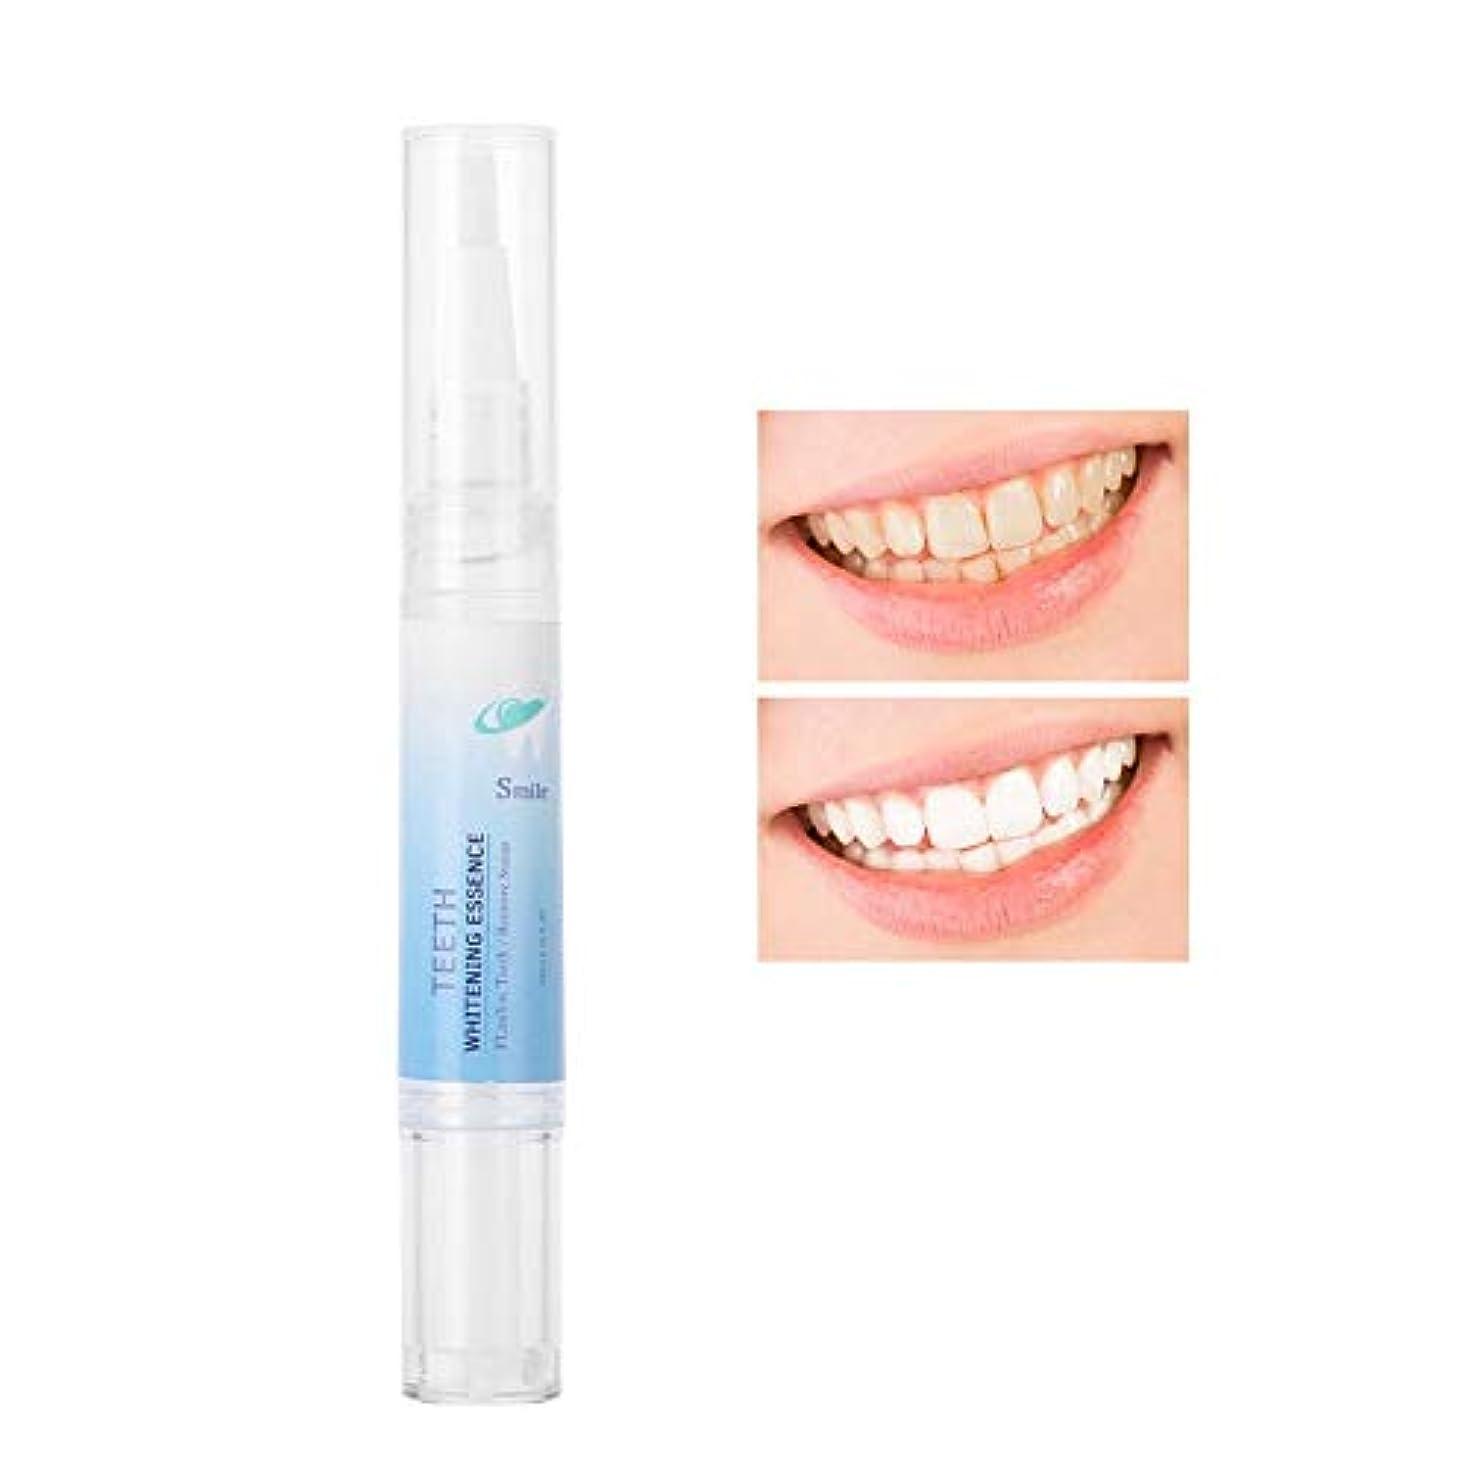 勇気ライター裁判官歯ホワイトニングペン 歯汚れのリムーバー 歯を白くする美白歯磨き